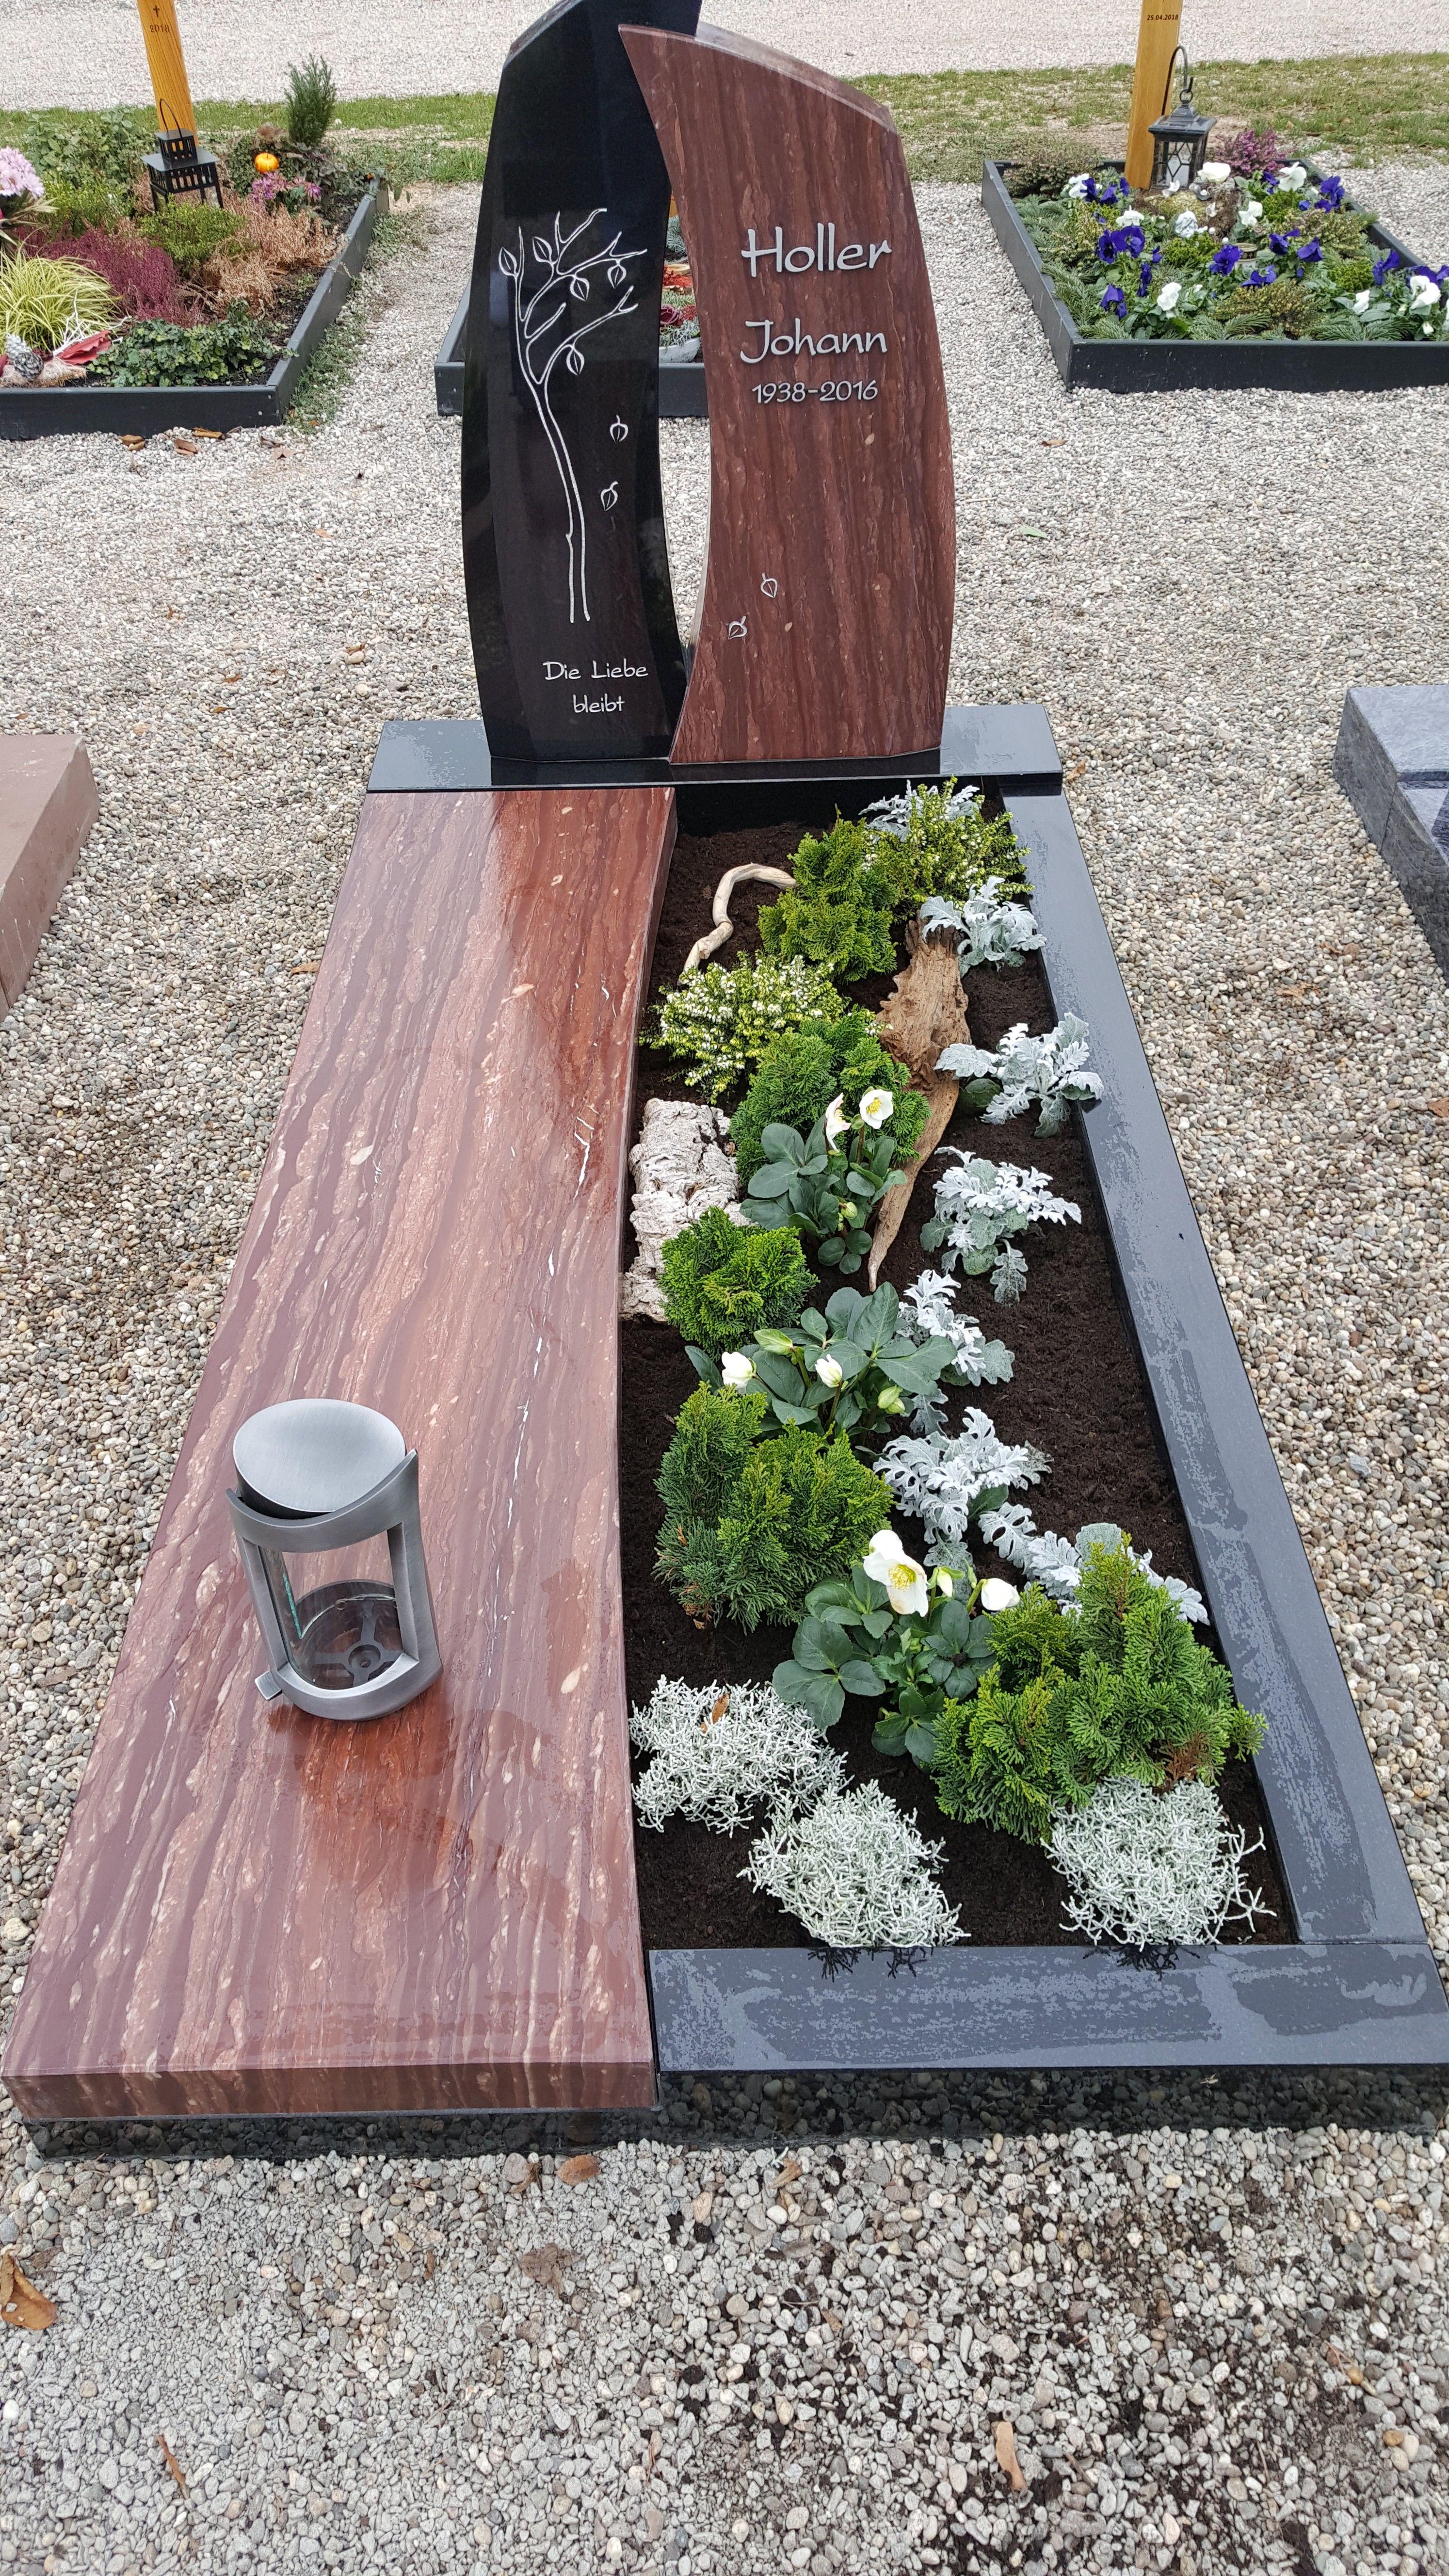 Grabstein mit Baum #friedhofsdekorationenallerheiligen